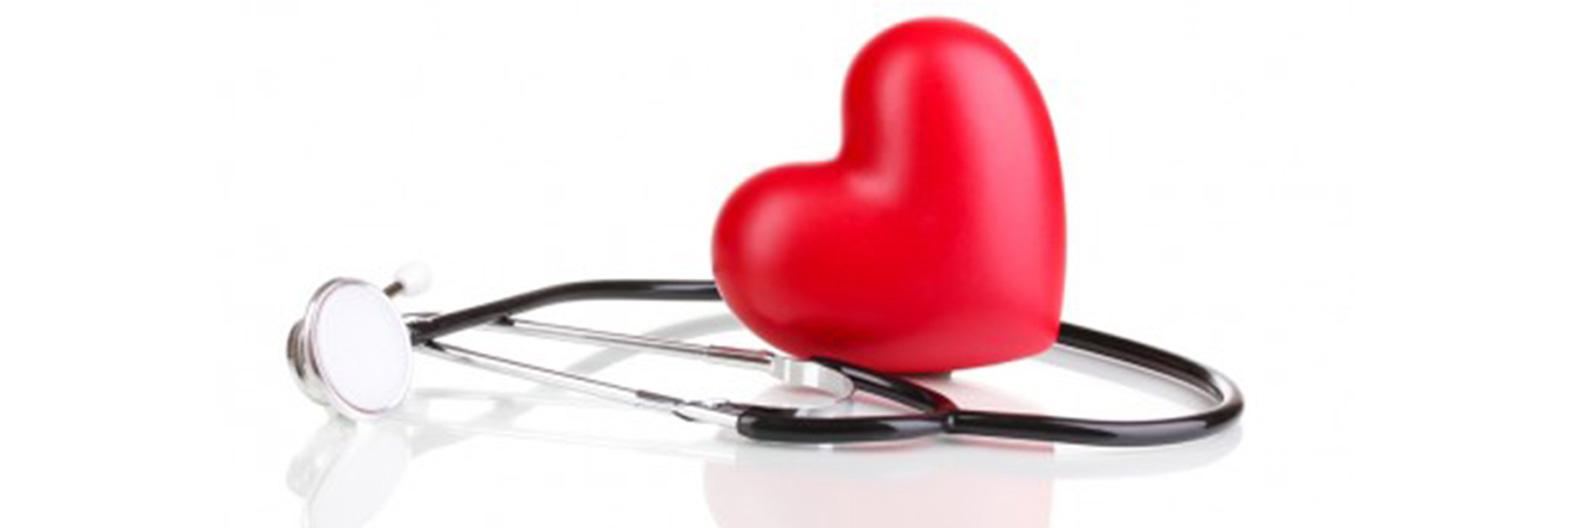 Koma po hemoraginės insulto - Hipertenzija November